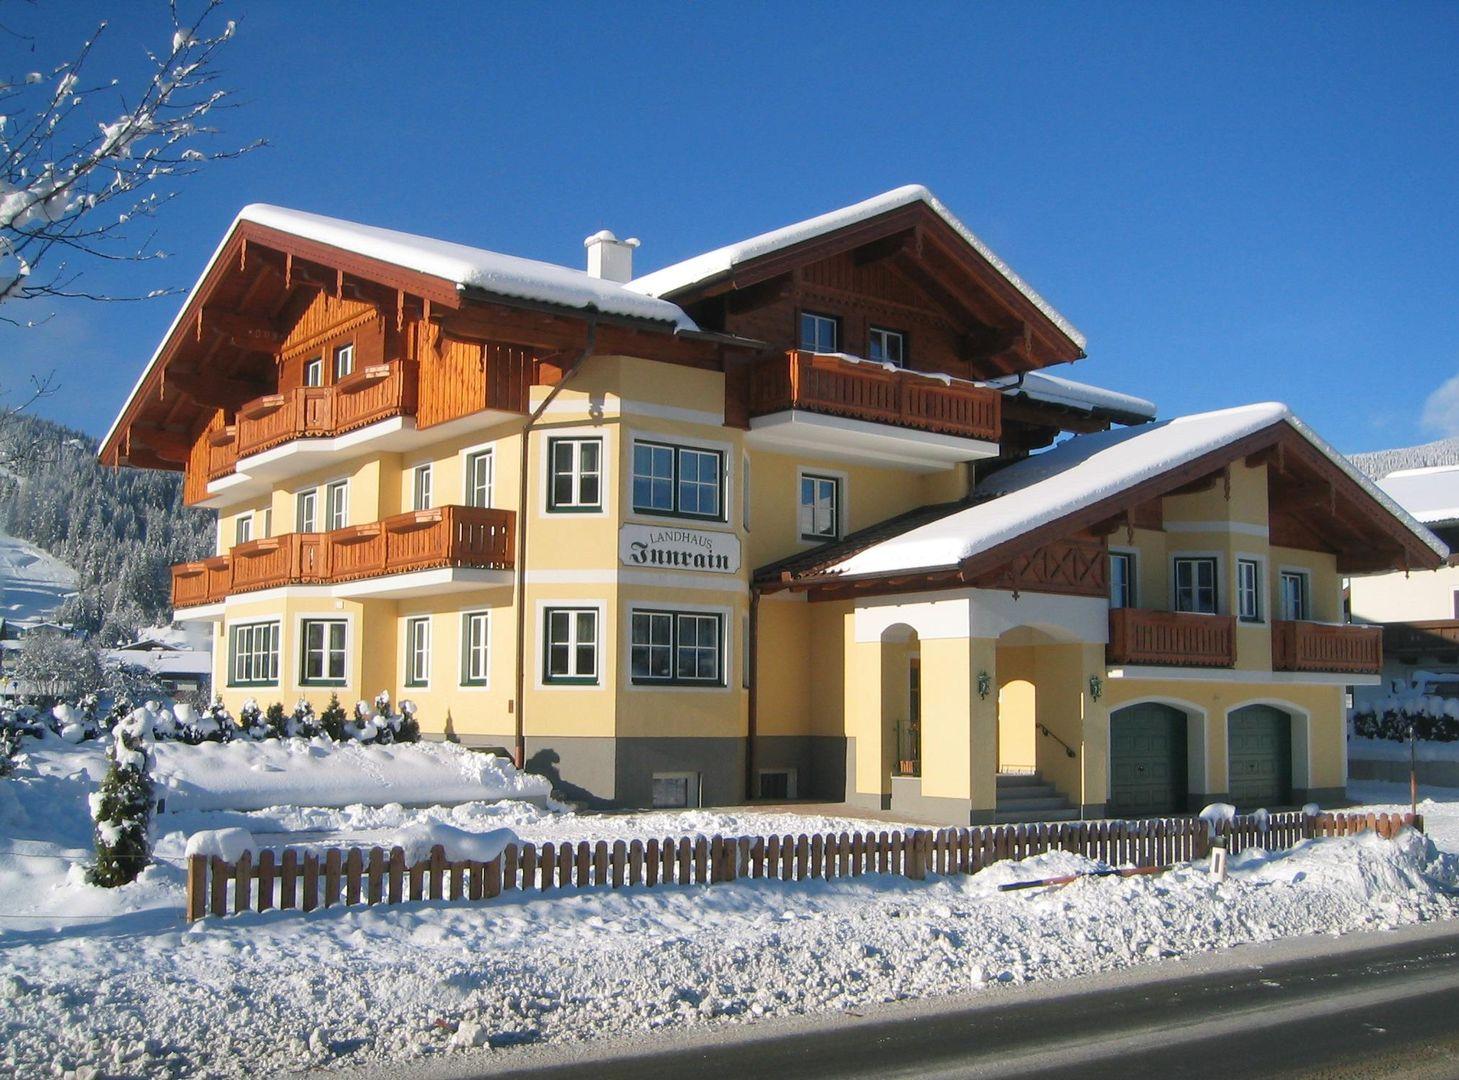 Slide1 - Landhaus Innrain